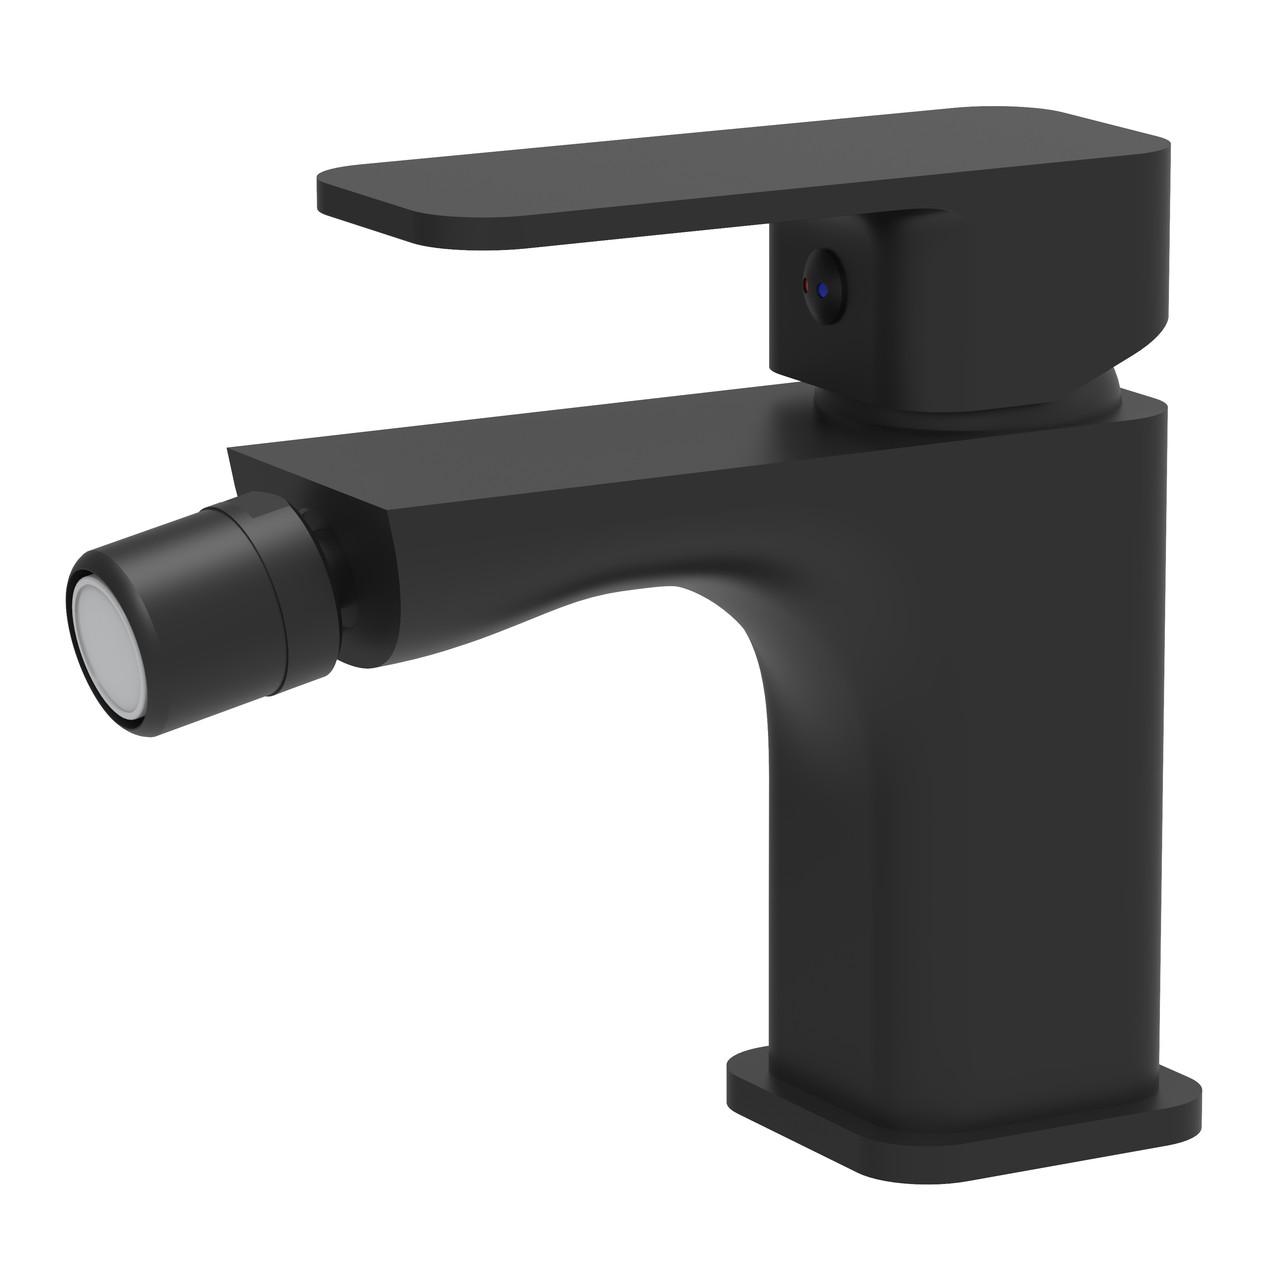 IMPRESE BILOVEC змішувач для біде, чорний мат, 35 мм